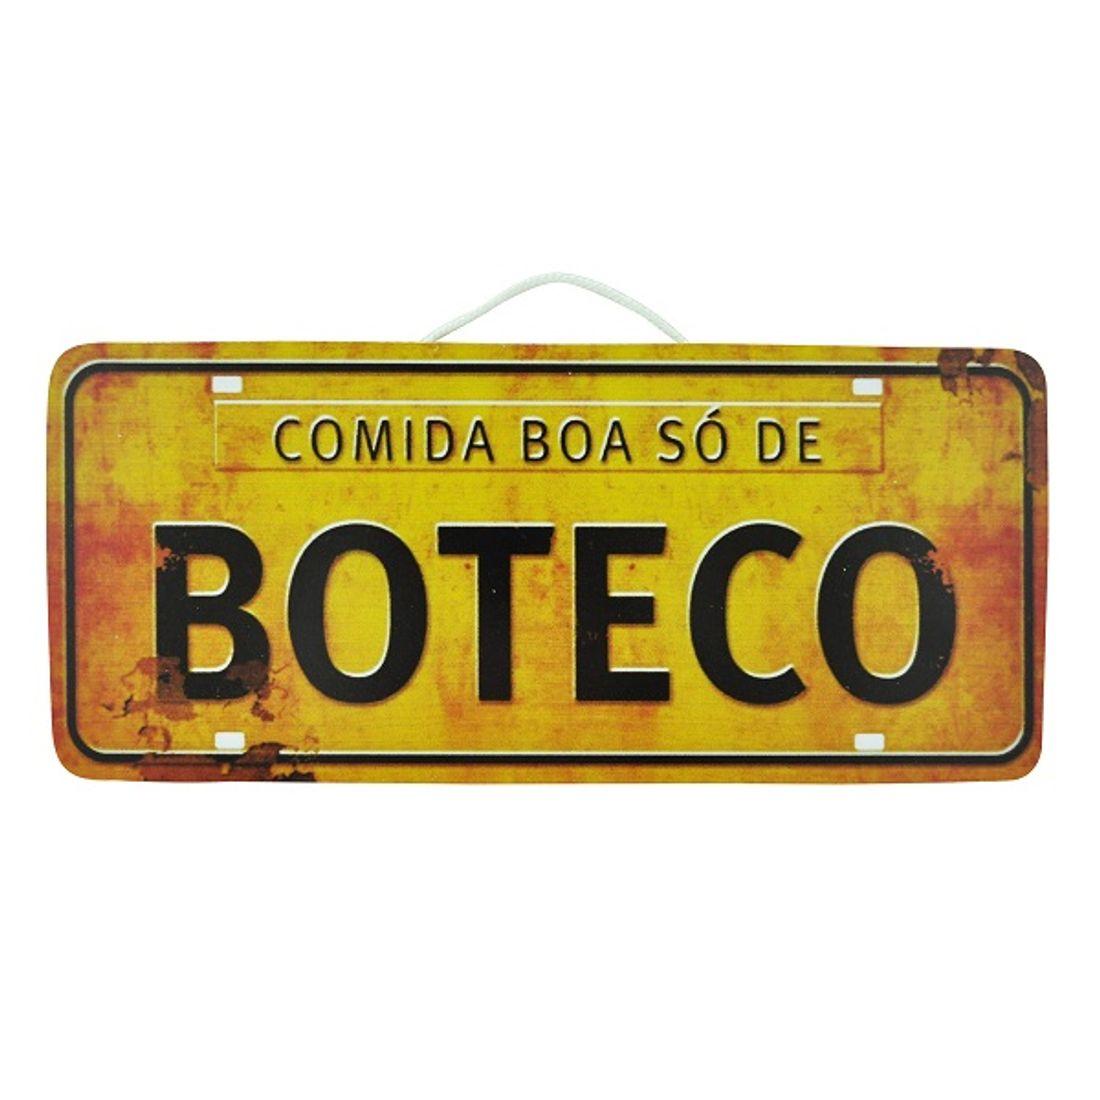 PLACA_CARRO_COMIDA_BOA_SO_DE_BUTECO_MDF_FRENTE